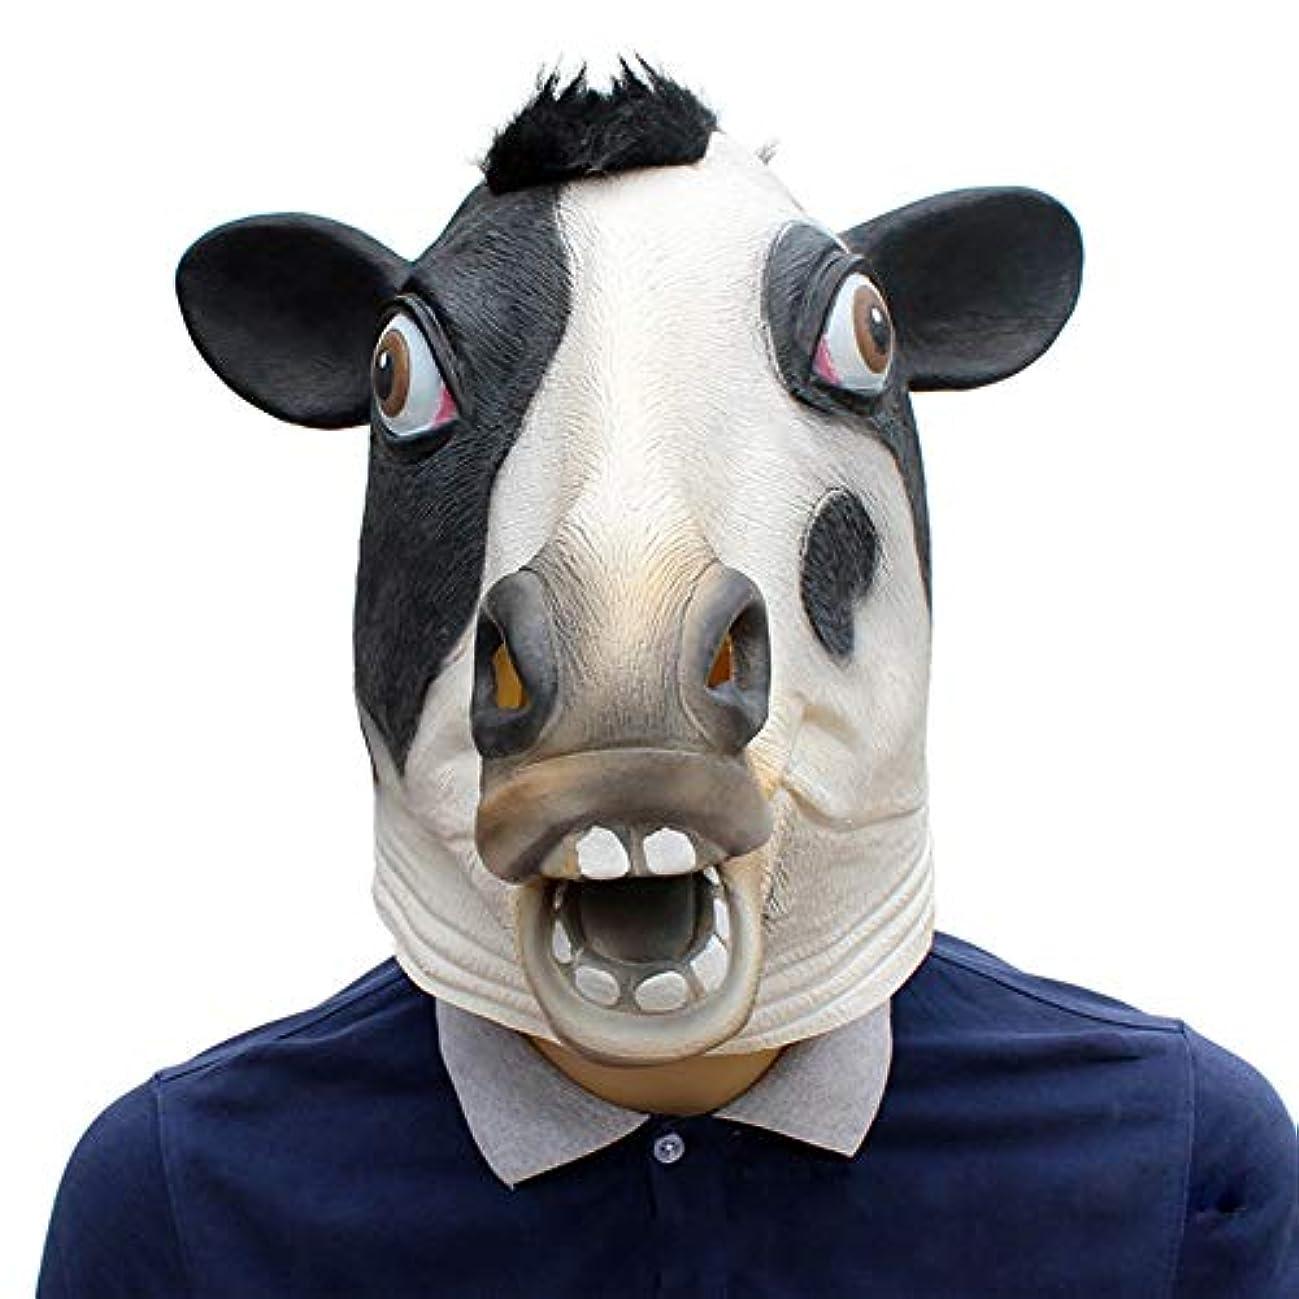 ストライク常習的調整するハロウィーンマスク、牛ラテックスマスク、ハロウィーン、テーマパーティー、カーニバル、レイブパーティー、バー、小道具、映画。